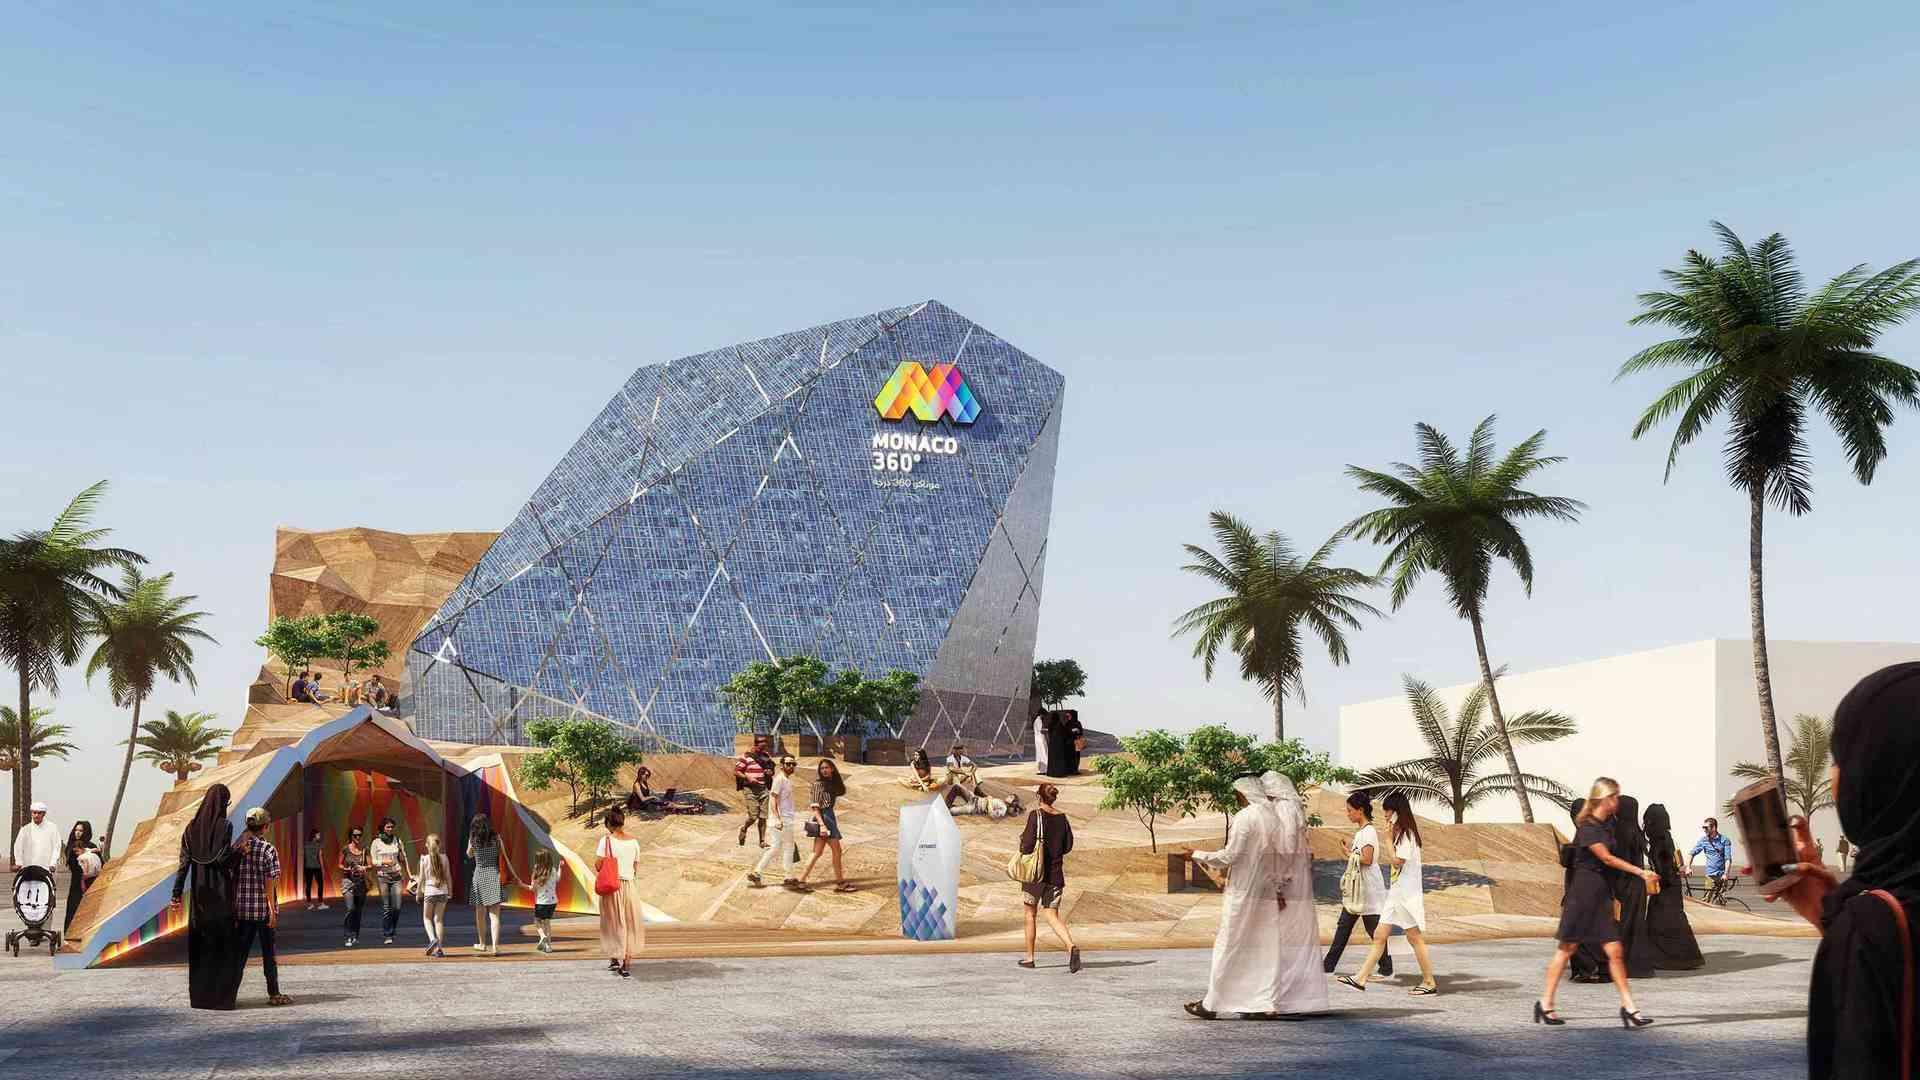 EXPO 2020 – Monaco Pavilion